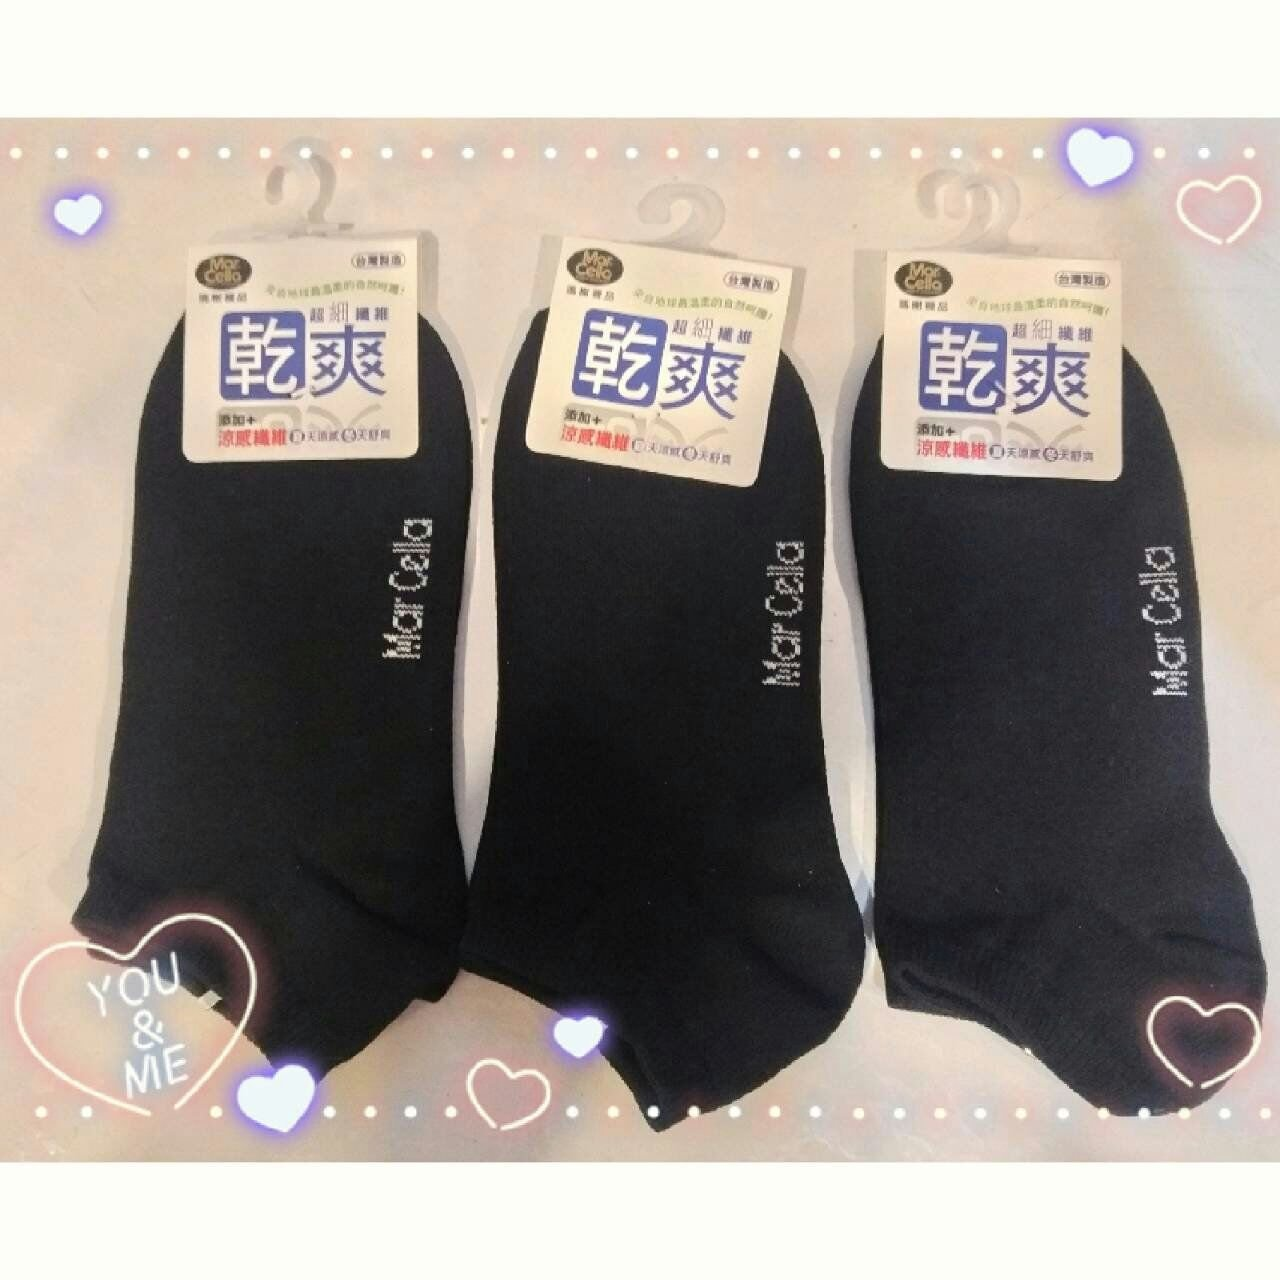 【智美 屋】三雙一組(不拆賣) 乾爽超細纖維 女襪 踝襪 22~24公分 涼感纖維 黑